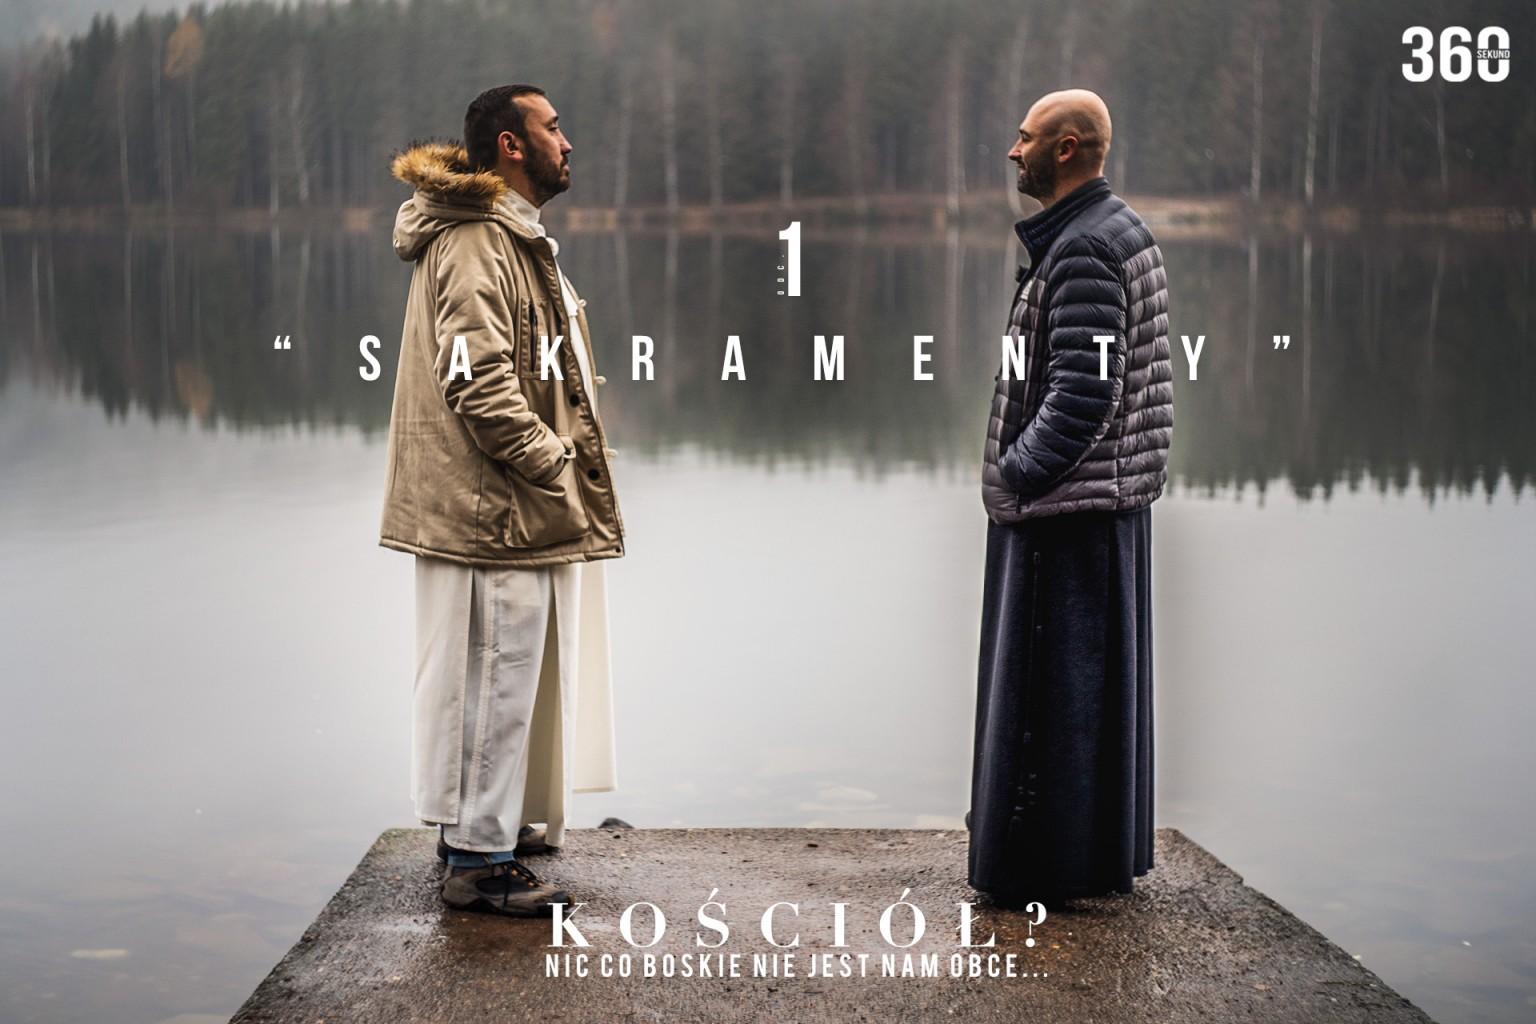 Adwnet 2018 Rekolekcje profeto.pl